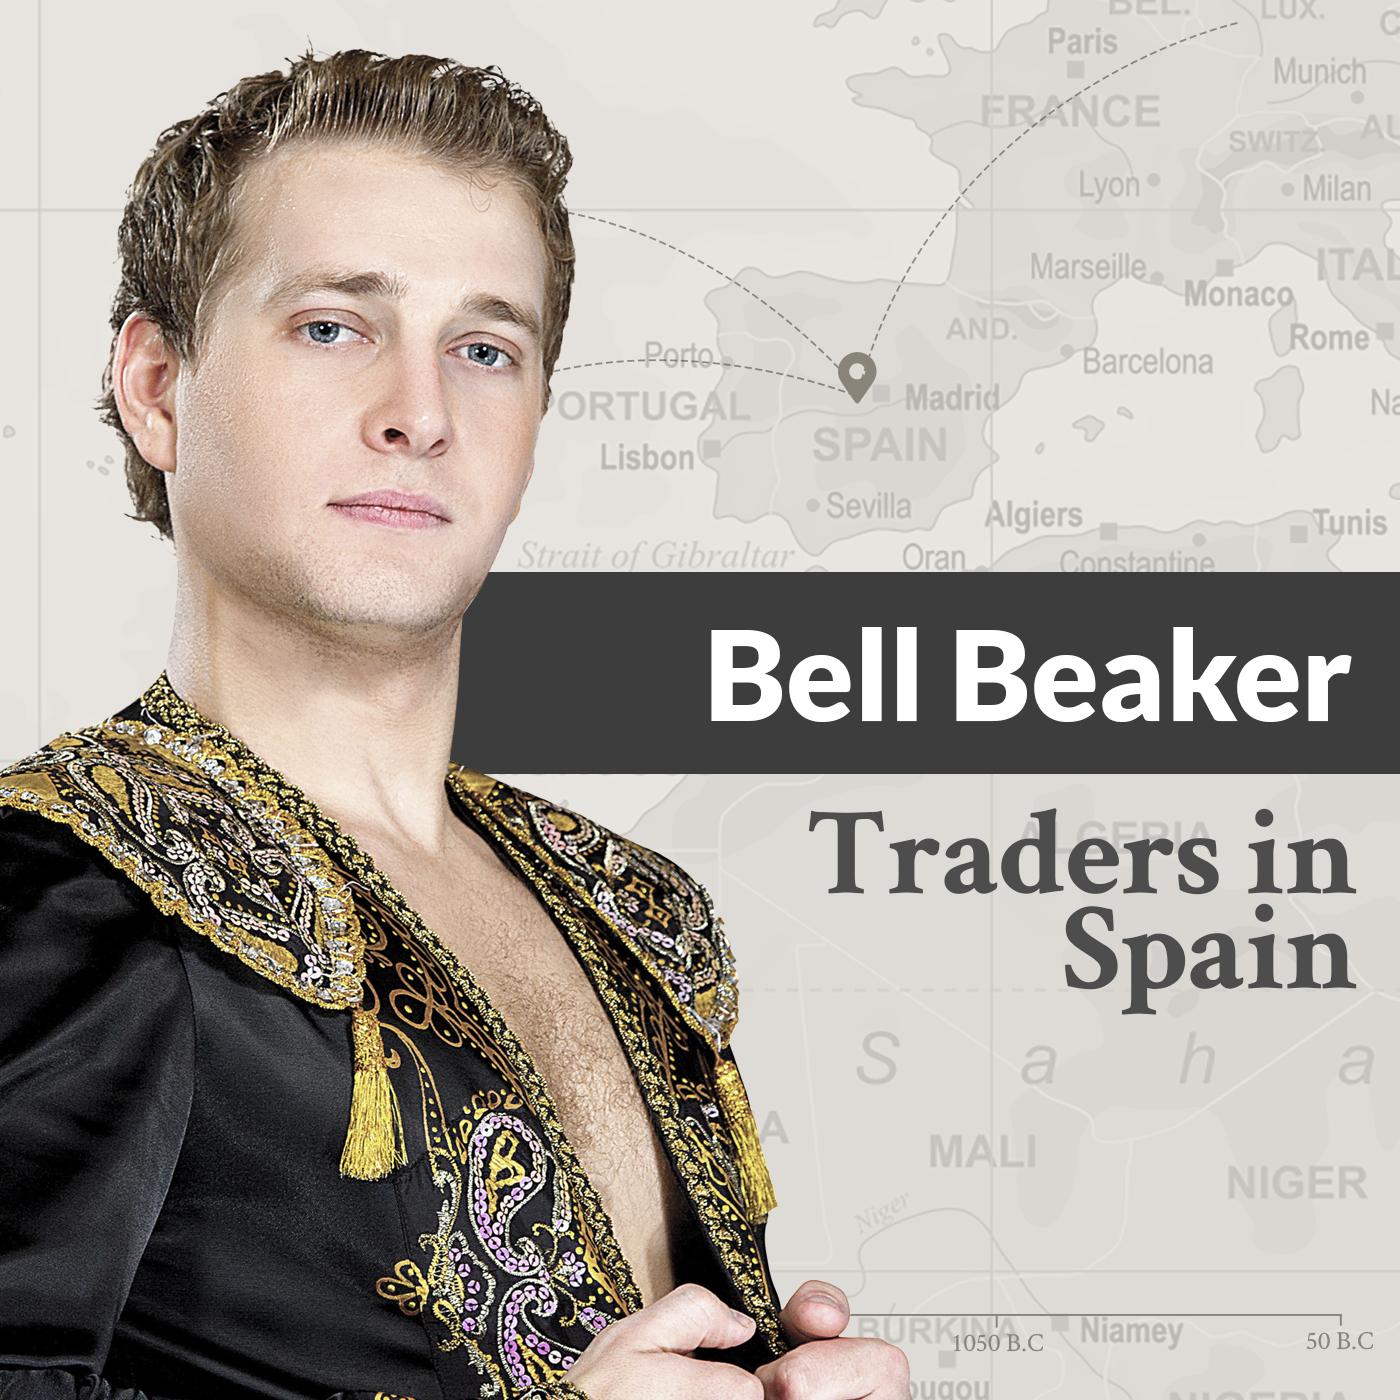 Bell Beaker Traders of Spain